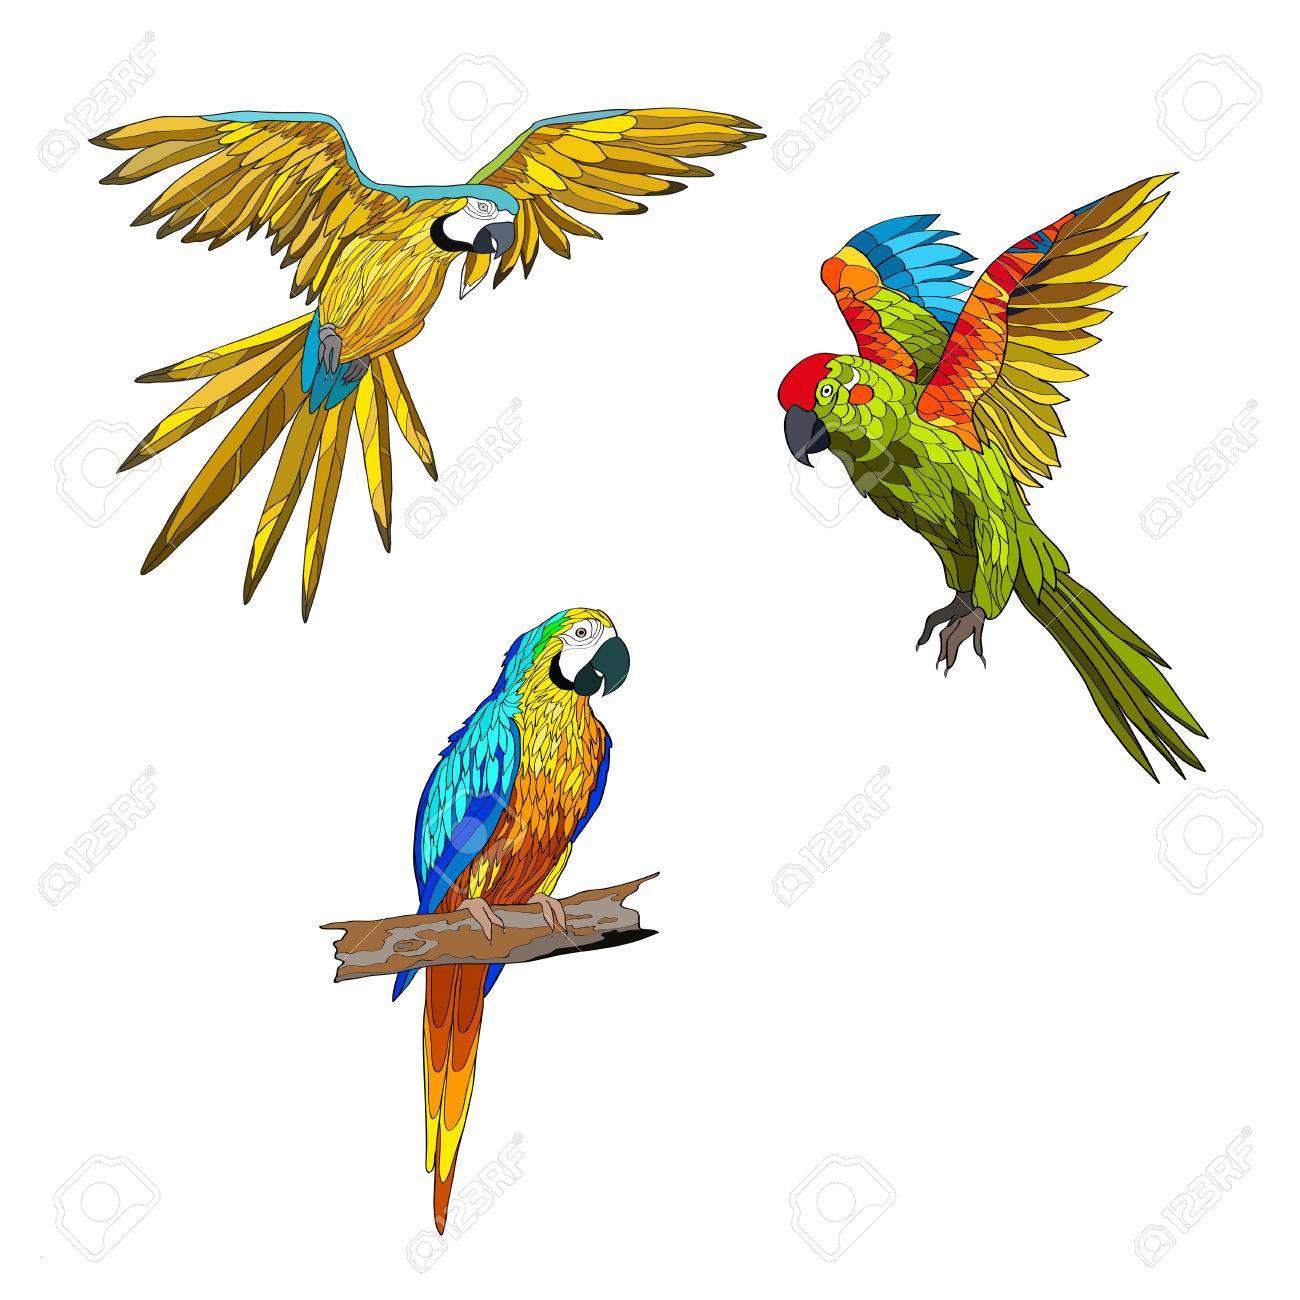 Fliegender Papagei Malvorlage Genial Ausmalbilder Fliegender Papagei Genial Malvorlagen Igel Frisch Igel Stock